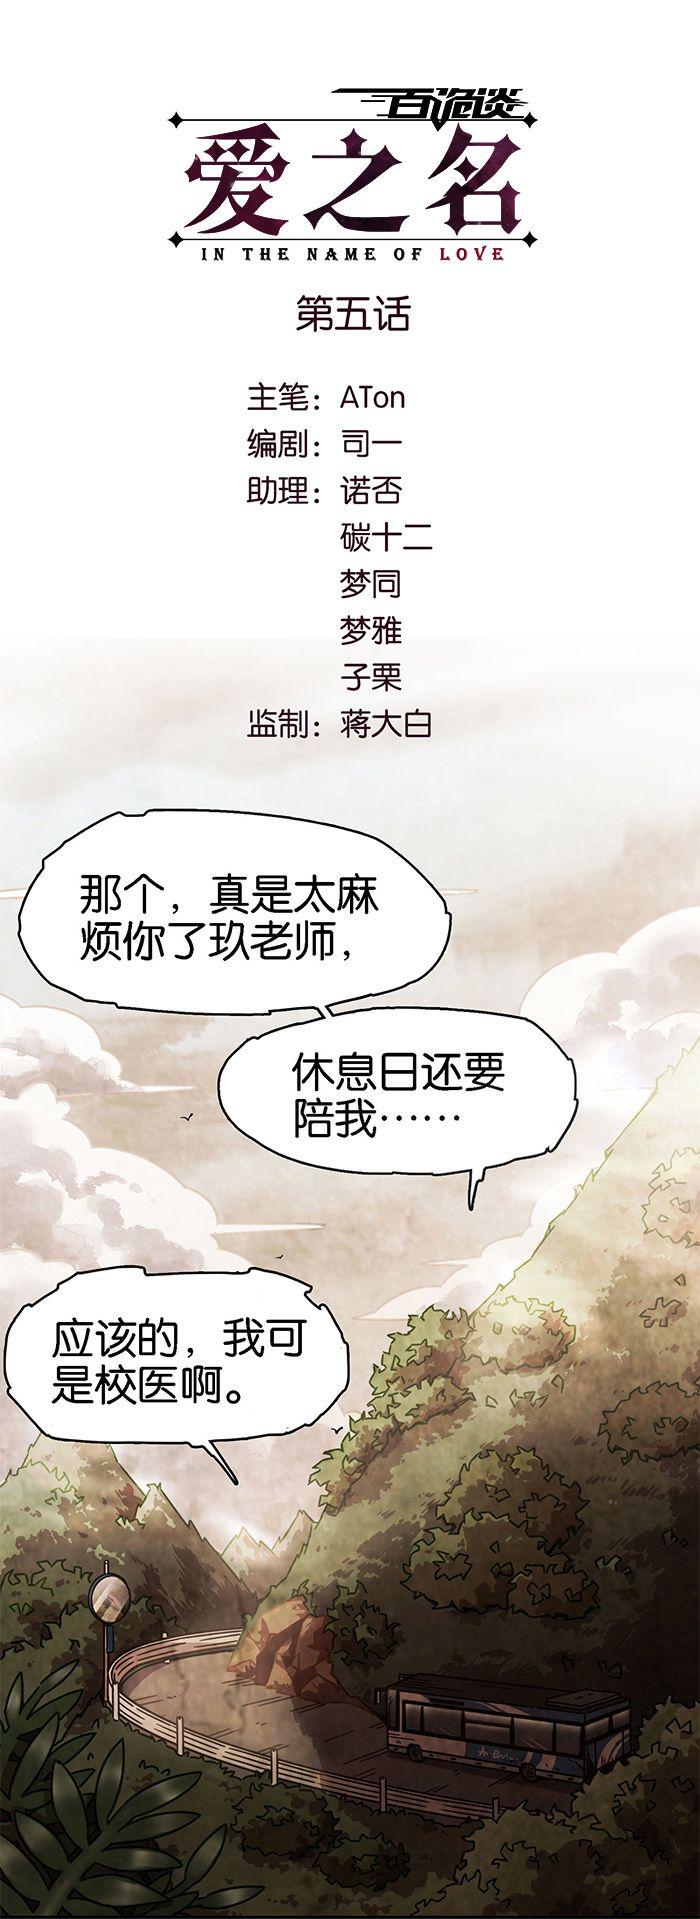 僵尸王漫画:《百诡谈》爱之名 第五话